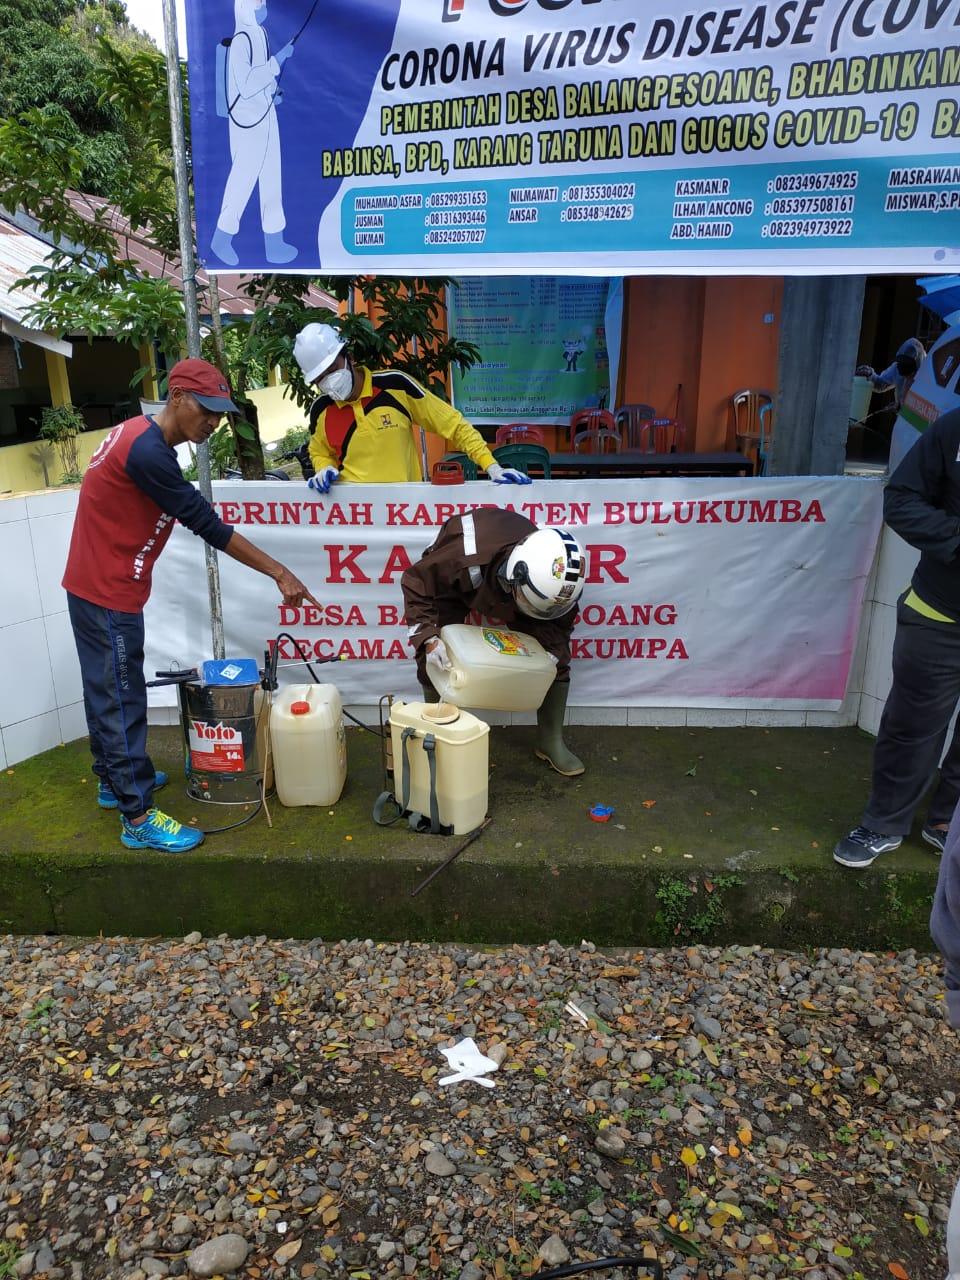 Patut di Apresiasi, Kepala Desa Balampesoang Terpilih Antusias lakukan penyemprotan Desinfektan